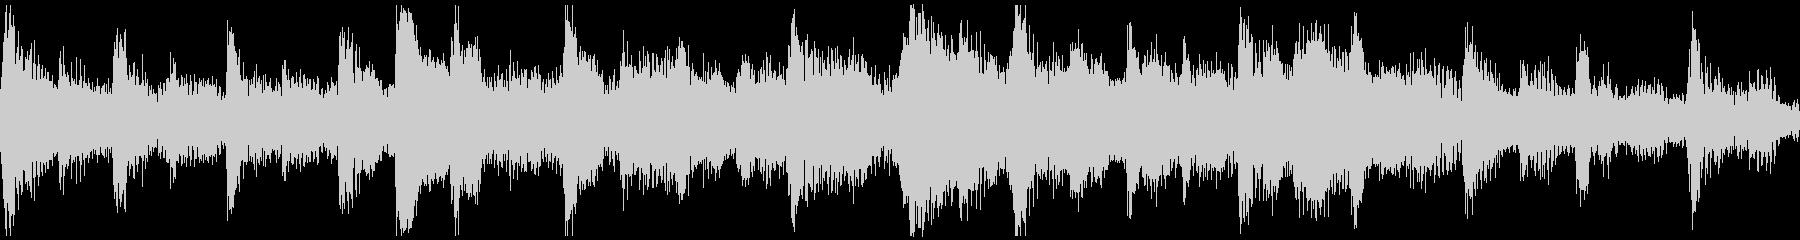 <ショートループ> ピアノ④+ビートBの未再生の波形